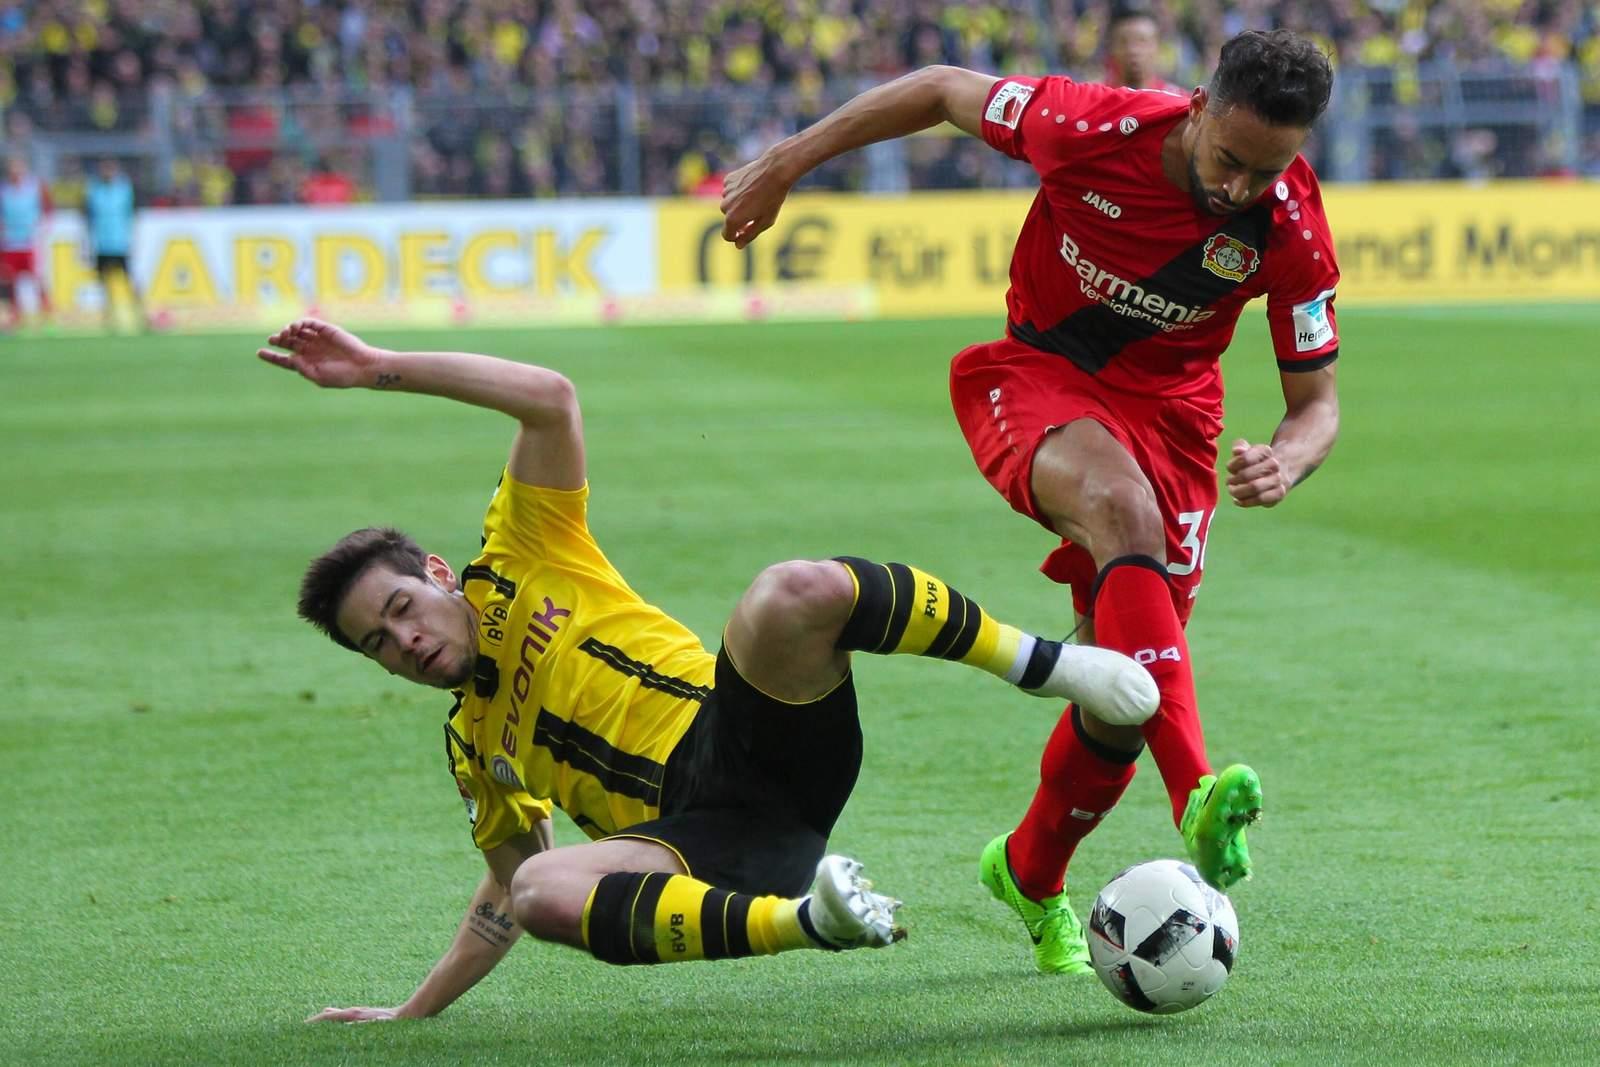 Raphael Guerreiro im Duell mit Karim Bellarabi. Jetzt auf die Partie BVB gegen Leverkusen wetten